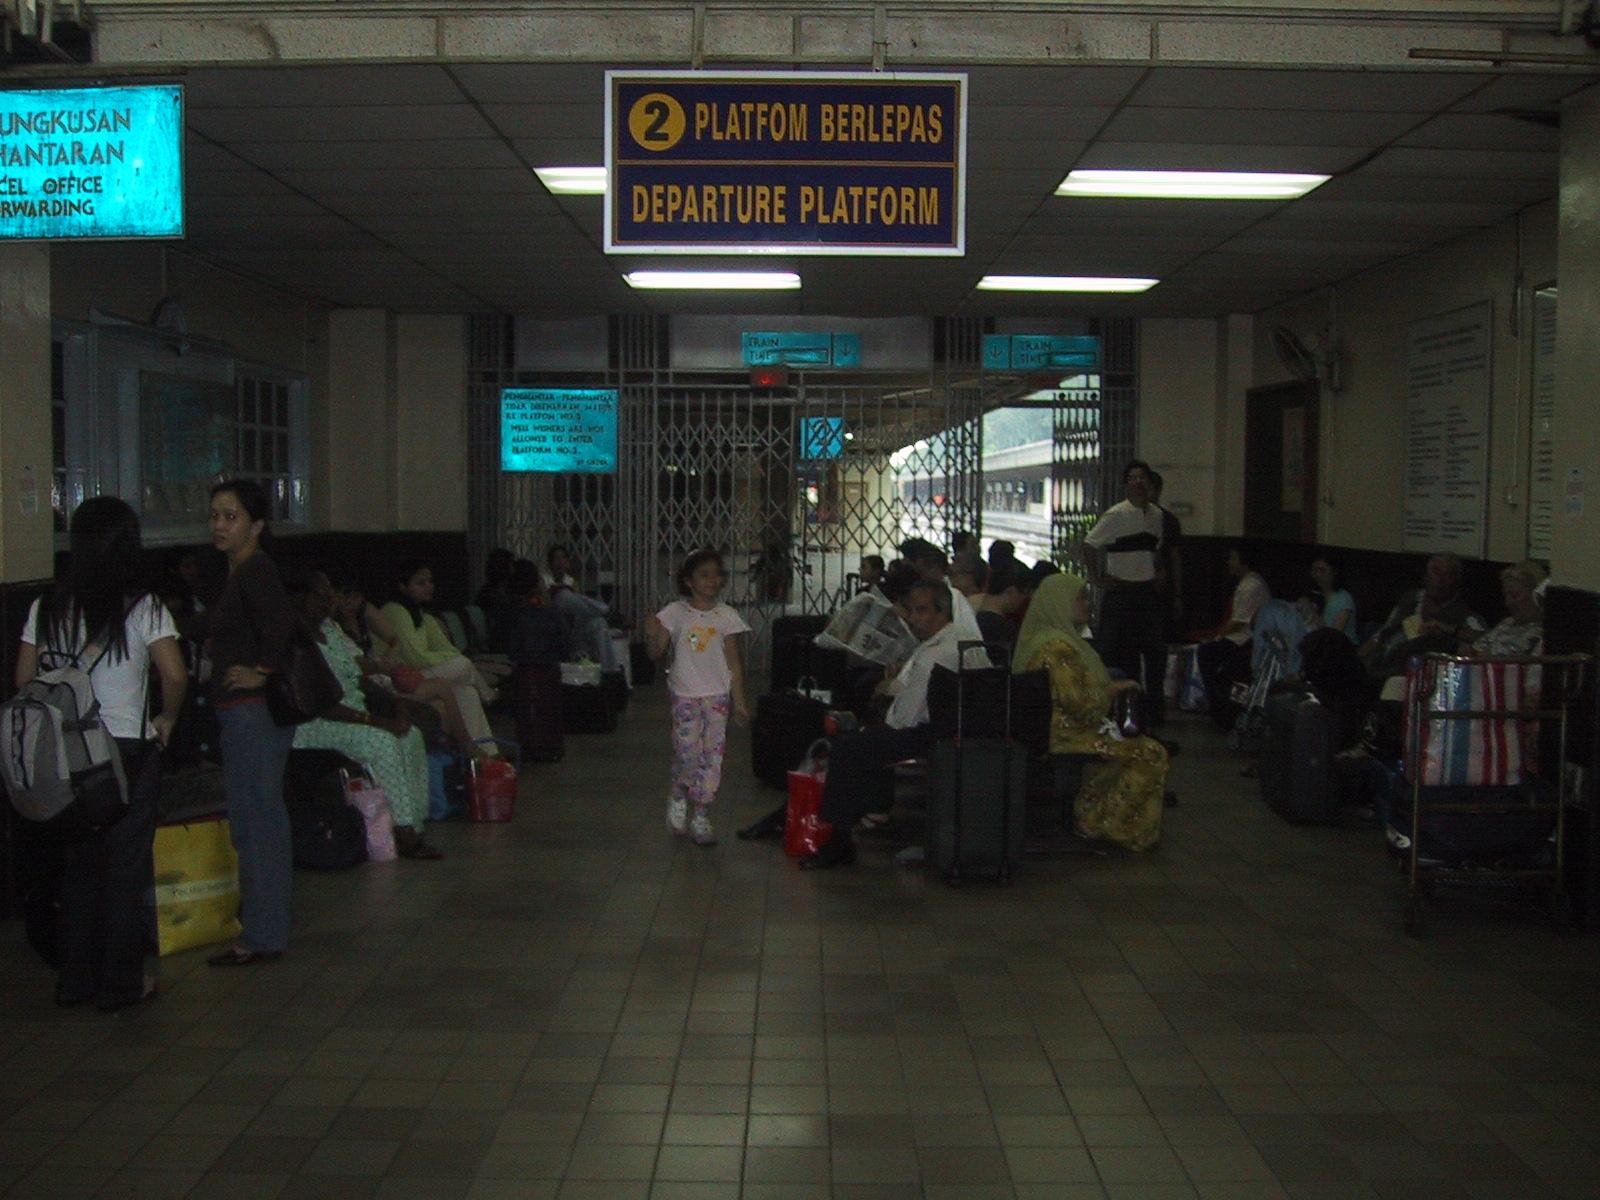 Singaporen rautatieasema